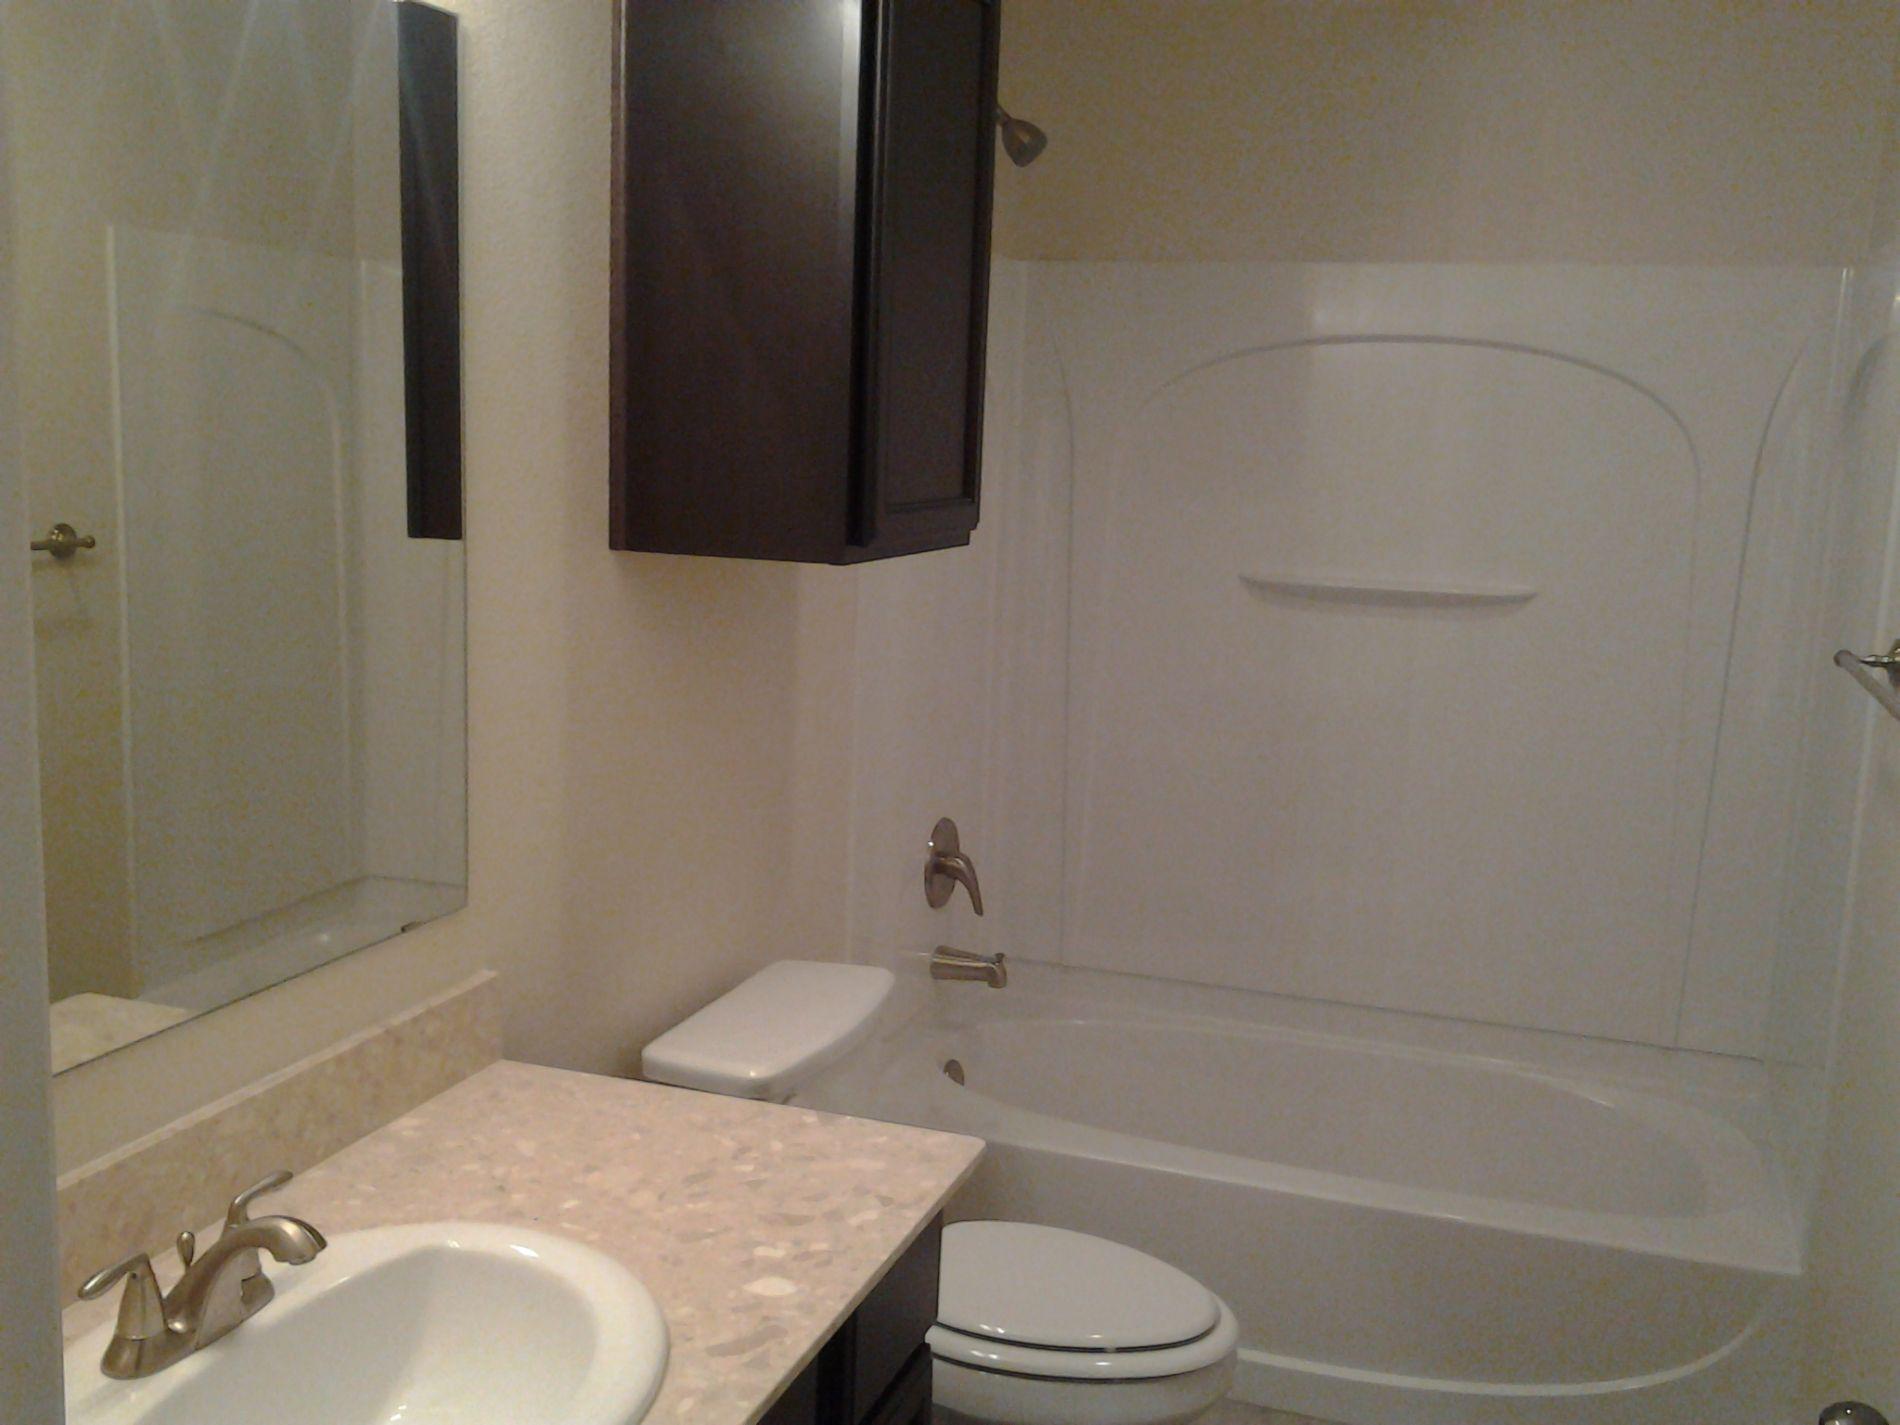 Bathroom Vanities Lubbock Tx Vanity Ideas - Bathroom remodel lubbock tx